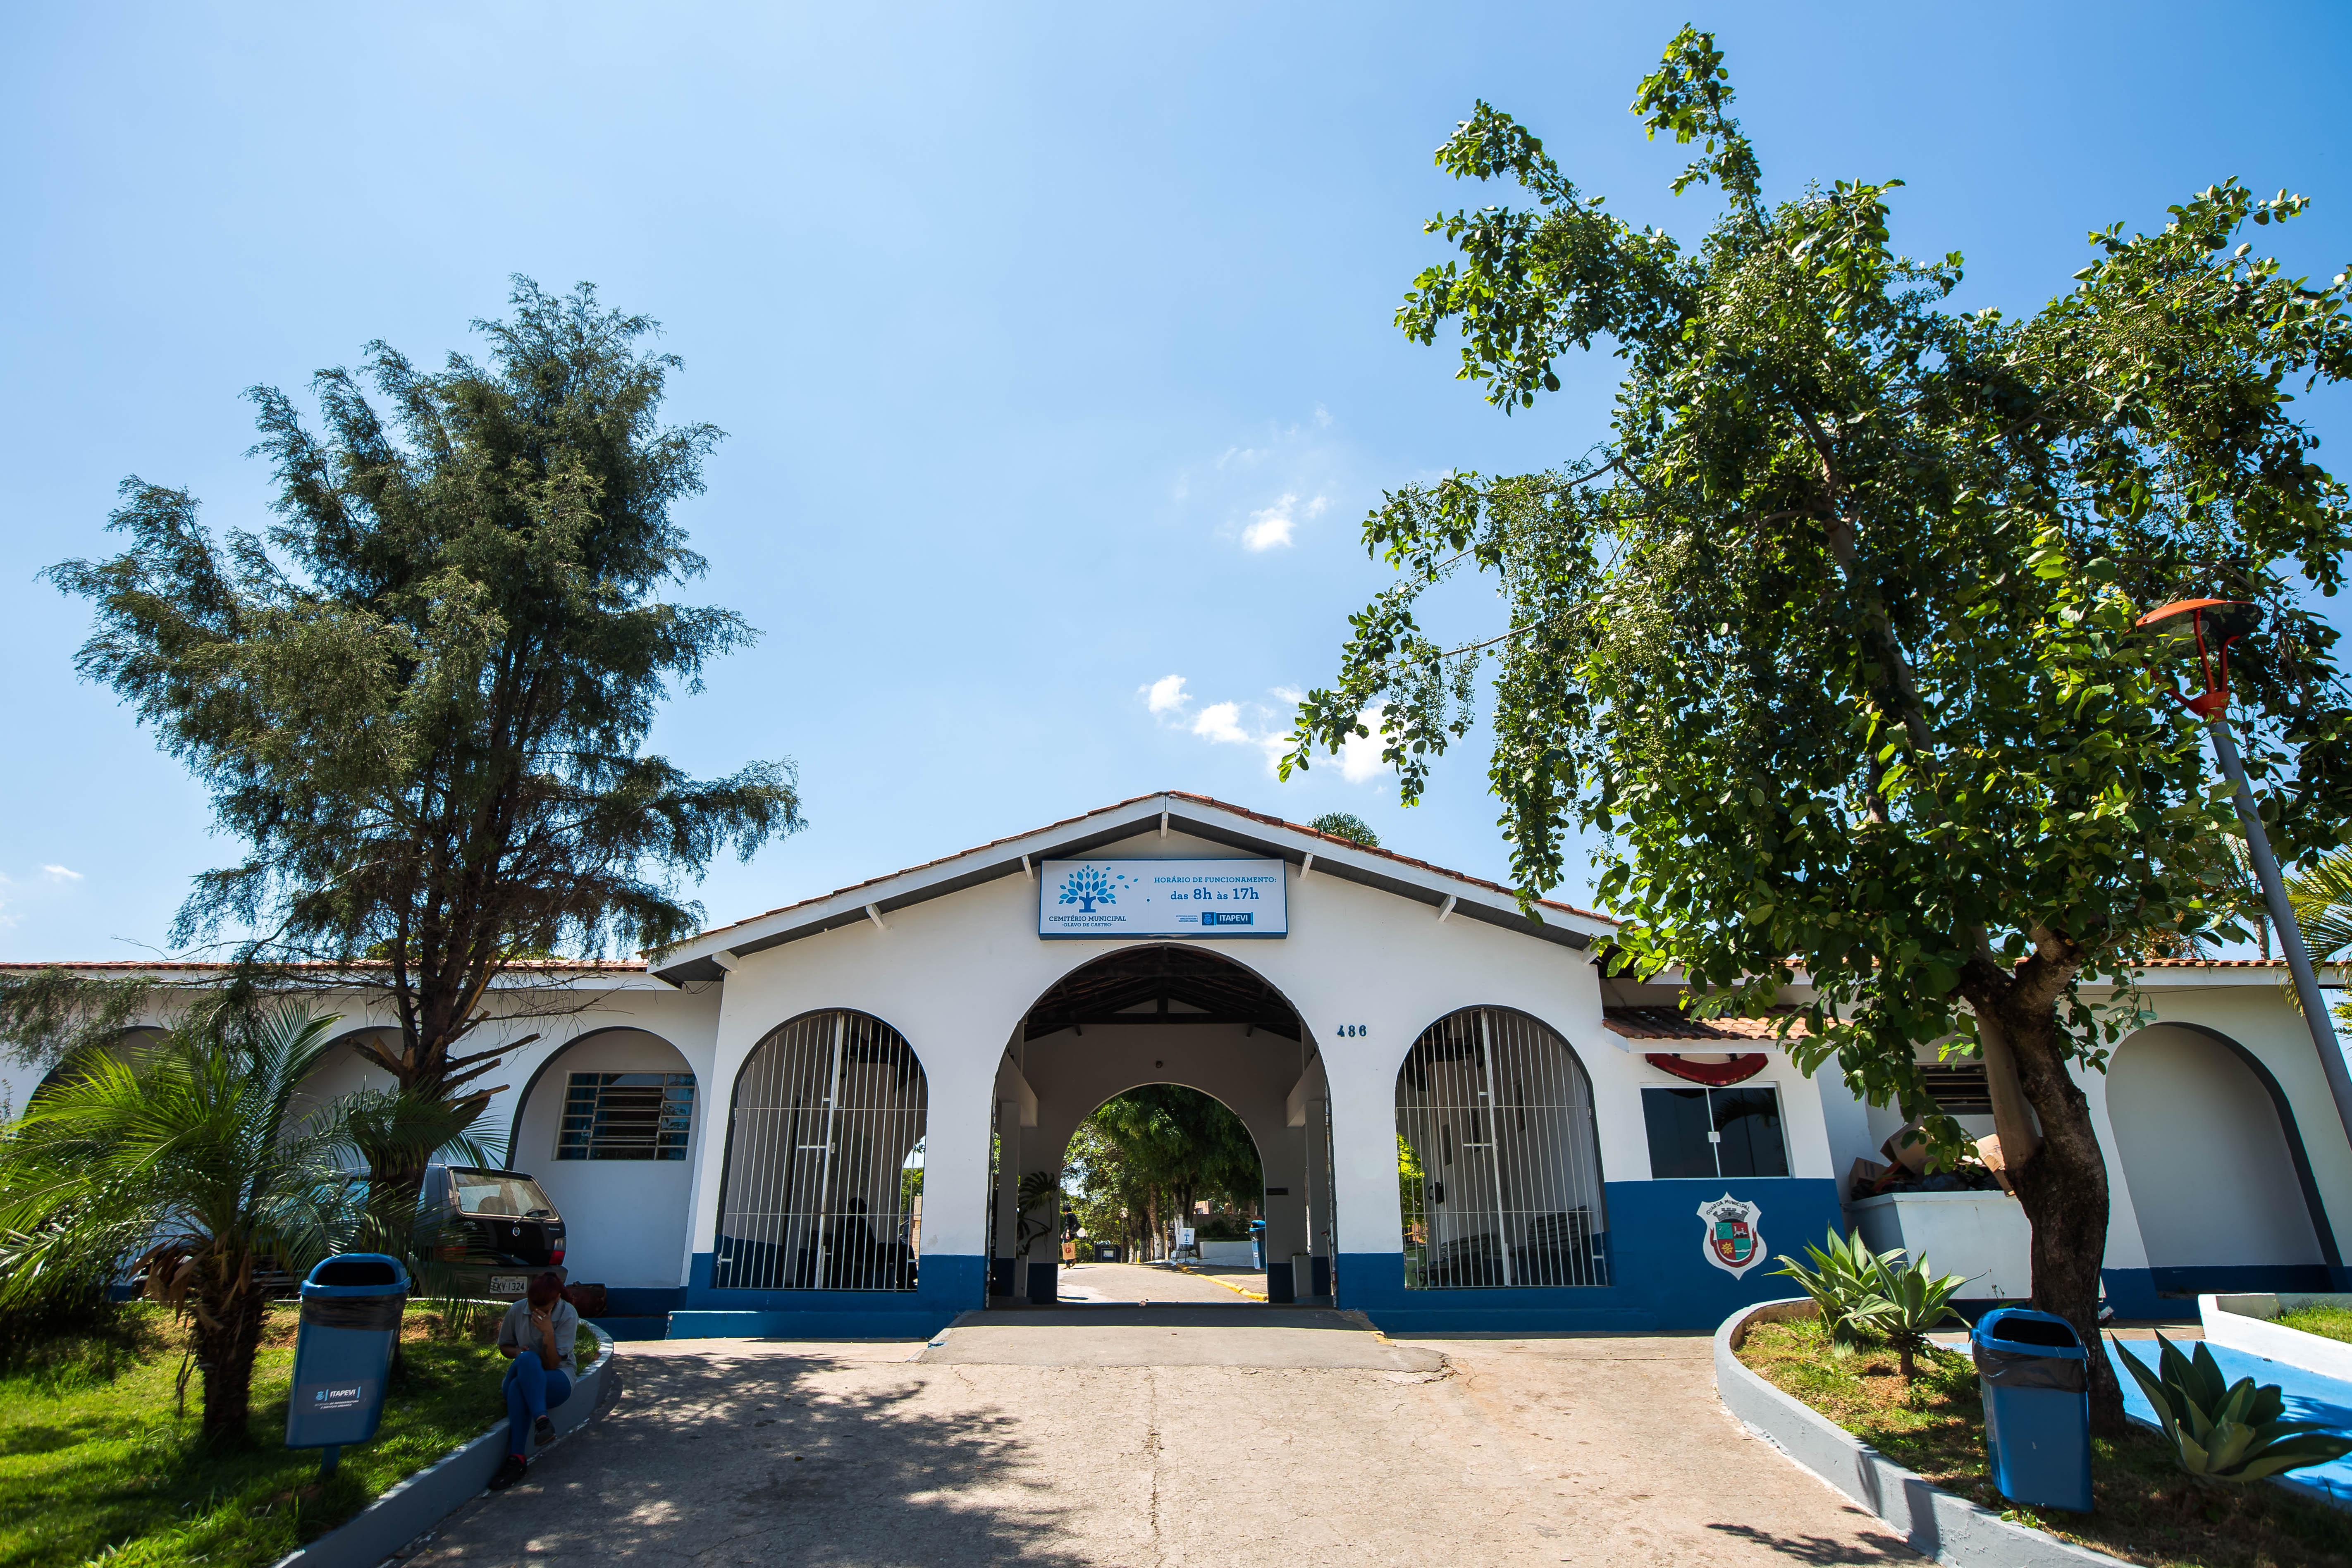 Prefeitura de Itapevi estende horário de funcionamento de cemitério no Finados